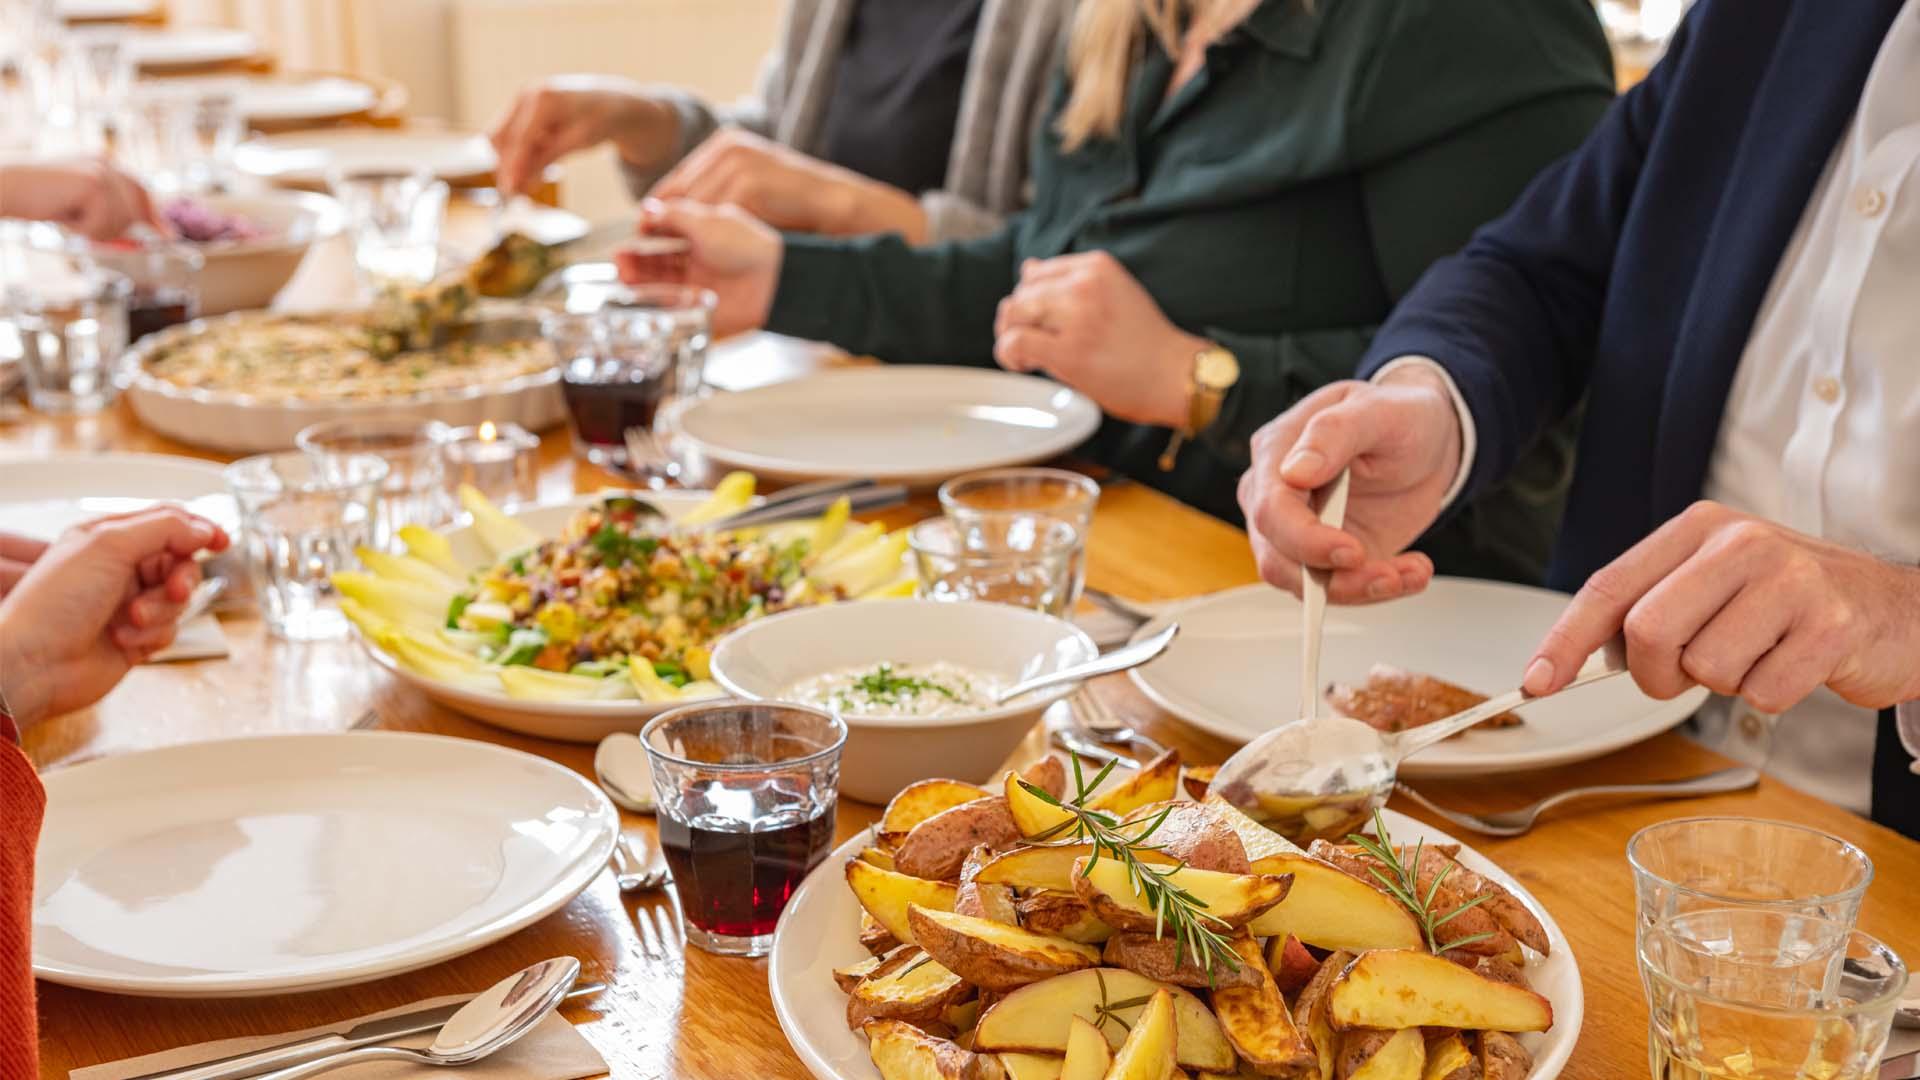 Diner samen gezellig share sharing salade groenten hoofdgerecht